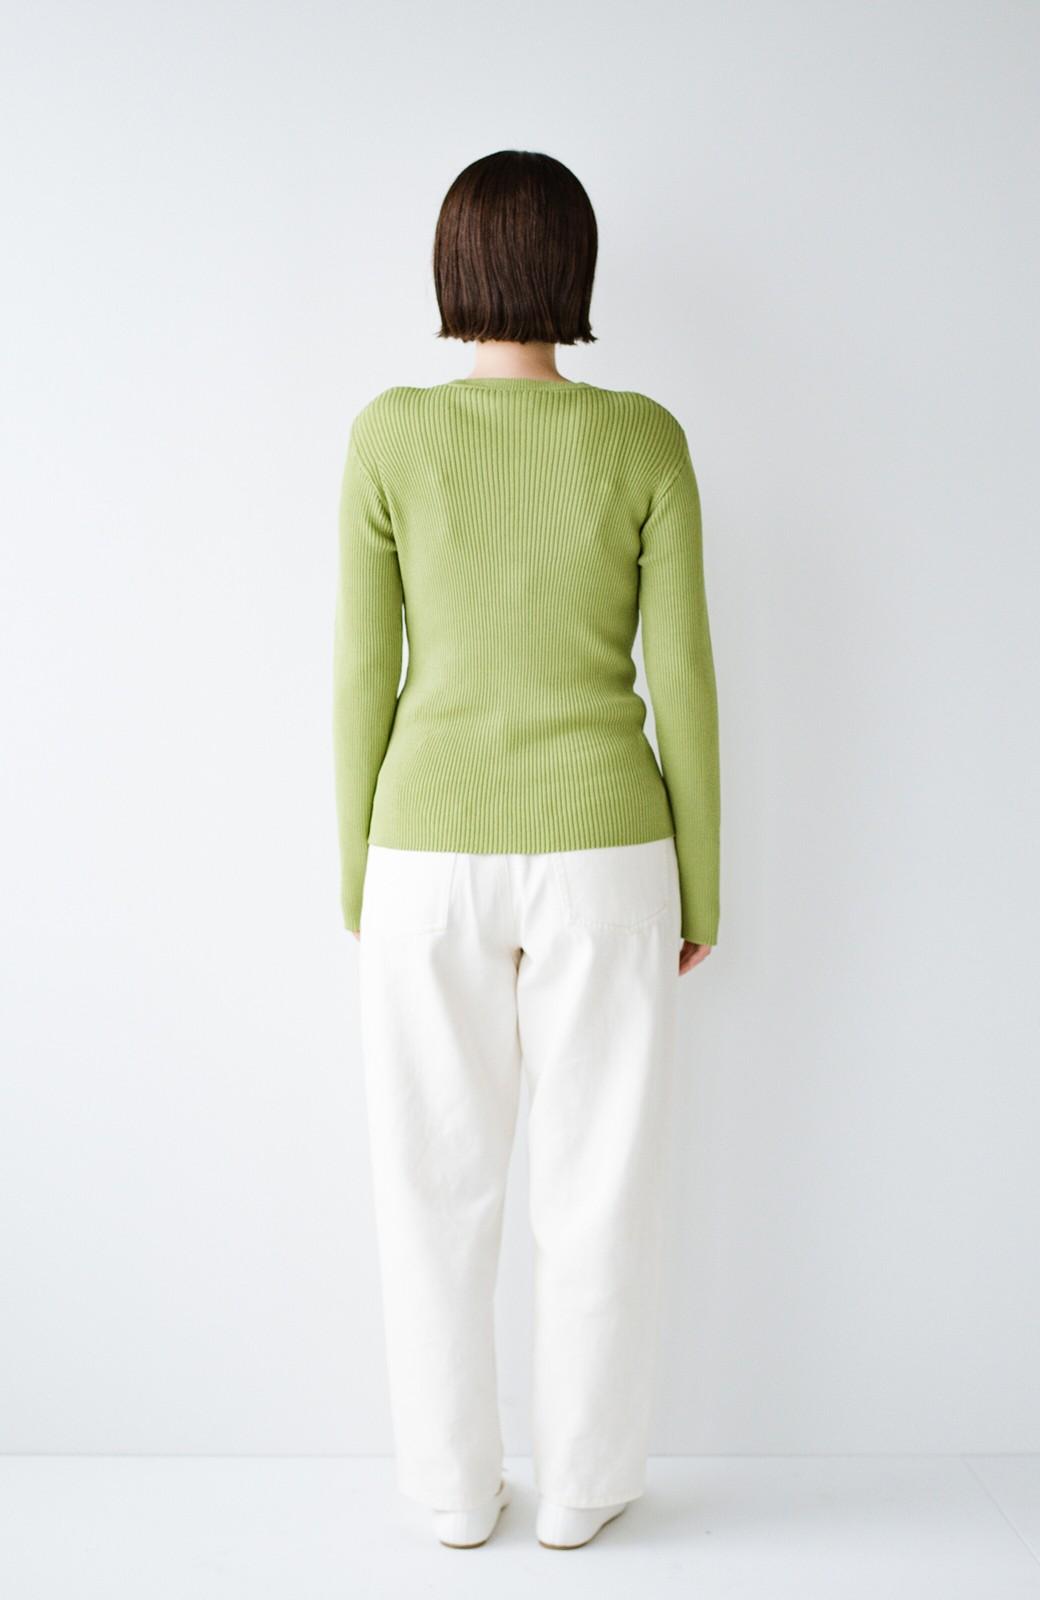 haco! UVカット&肩にかけるだけでもコーデが華やぐ 持っていると便利なきれい色カーディガン by que made me <グリーン>の商品写真10